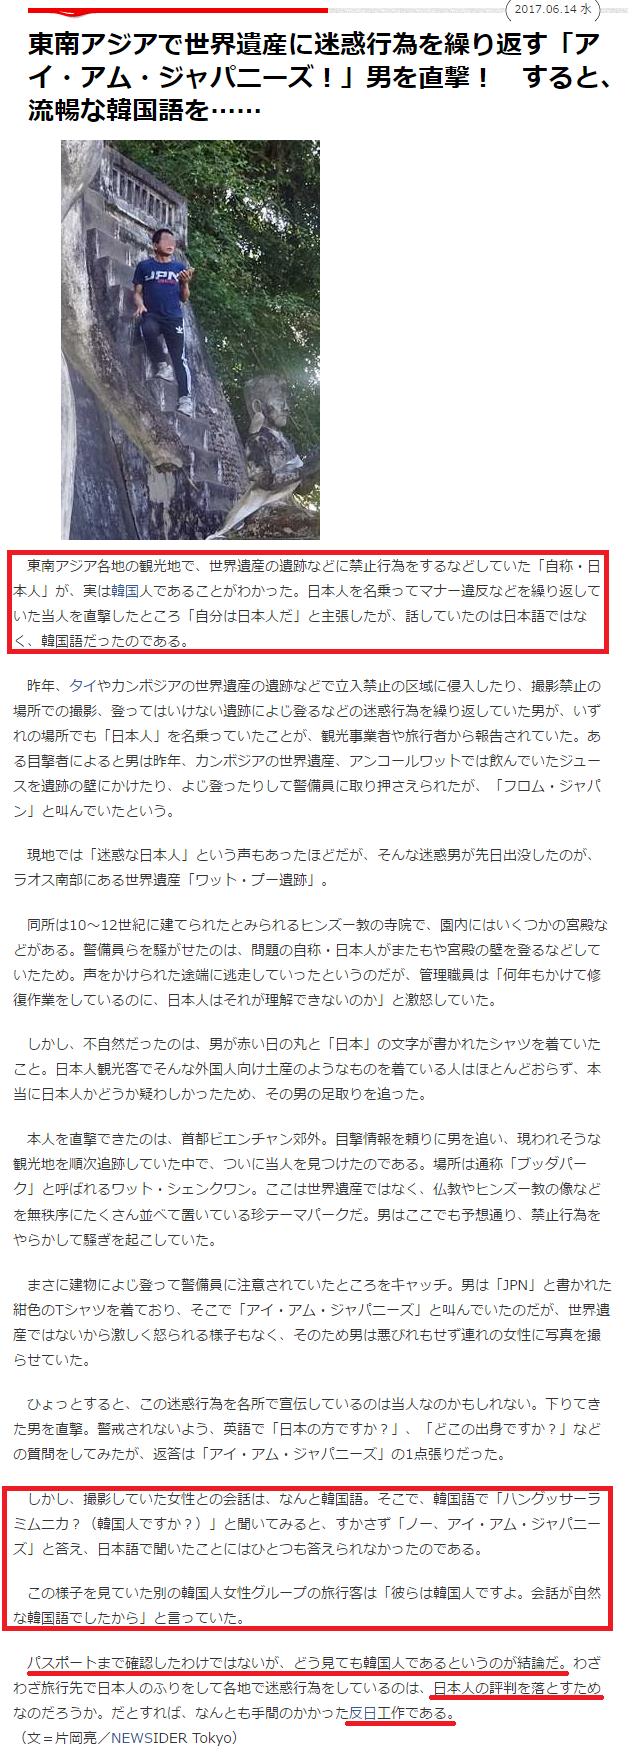 海外で犯罪行為をして日本人のフリする朝鮮人